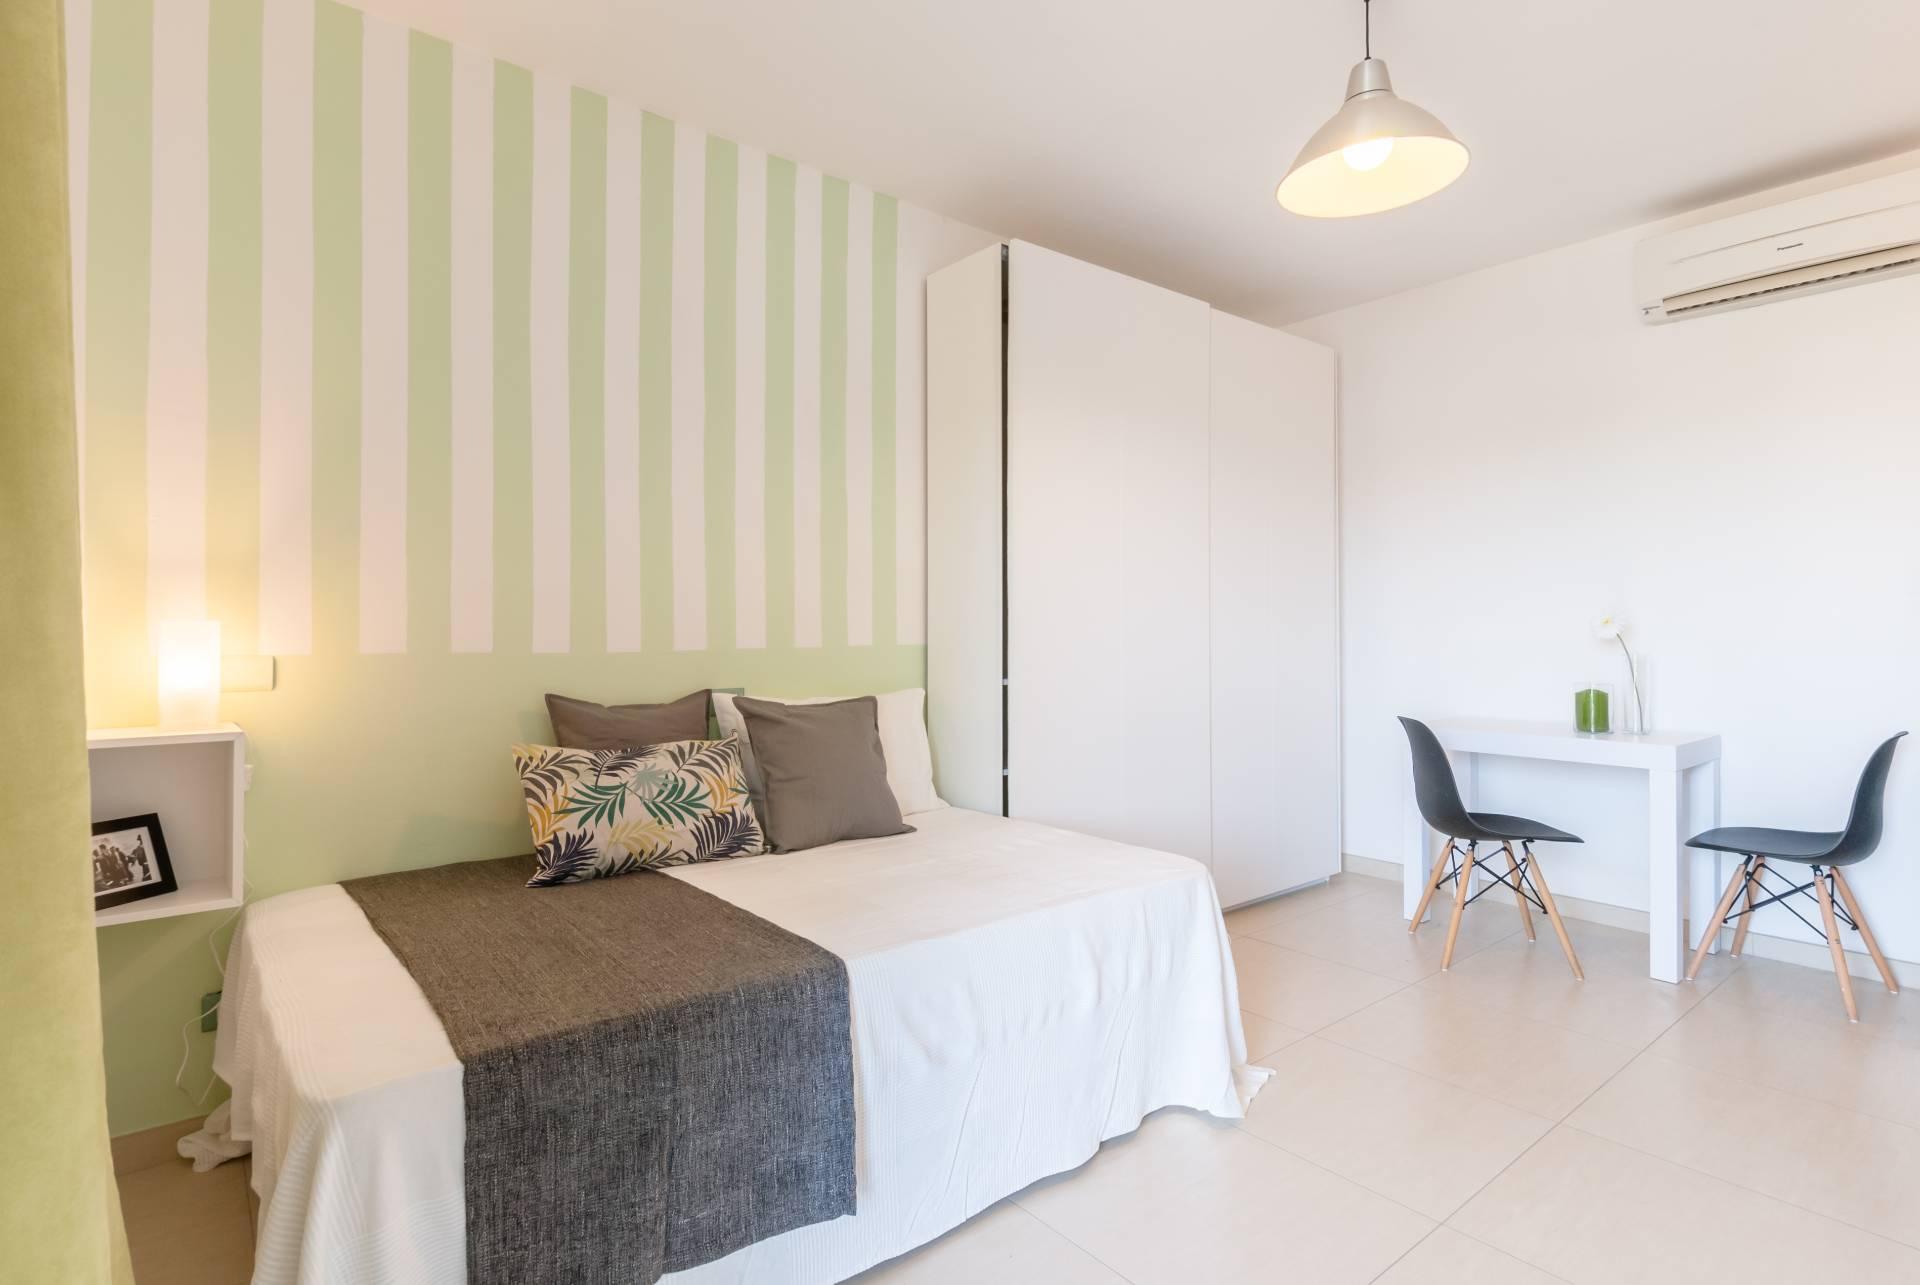 Appartamento in affitto a Torrevecchia Teatina, 2 locali, prezzo € 270 | CambioCasa.it